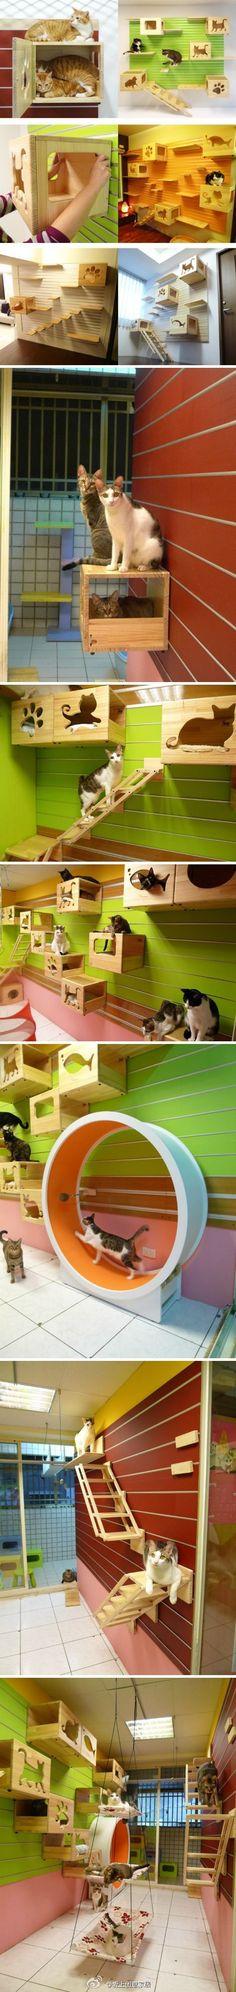 cat's                                                                                                                                                                                 More